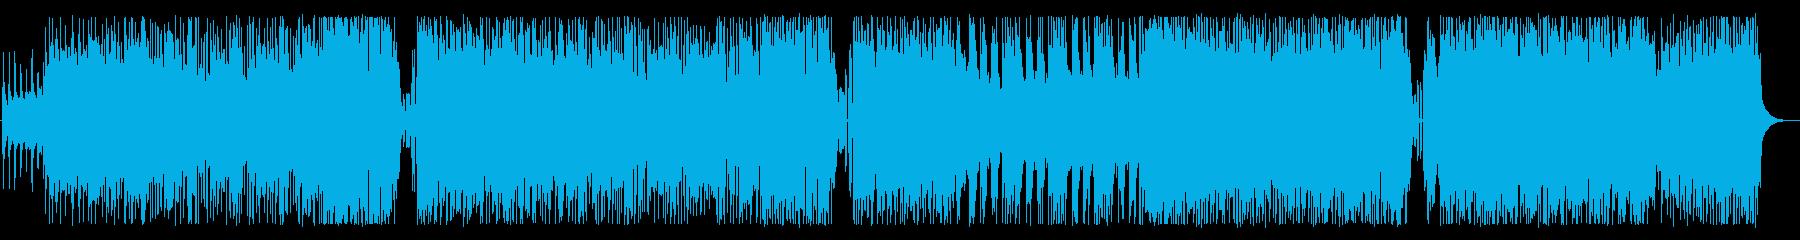 セリフがキュンとするかっこかわいいロックの再生済みの波形